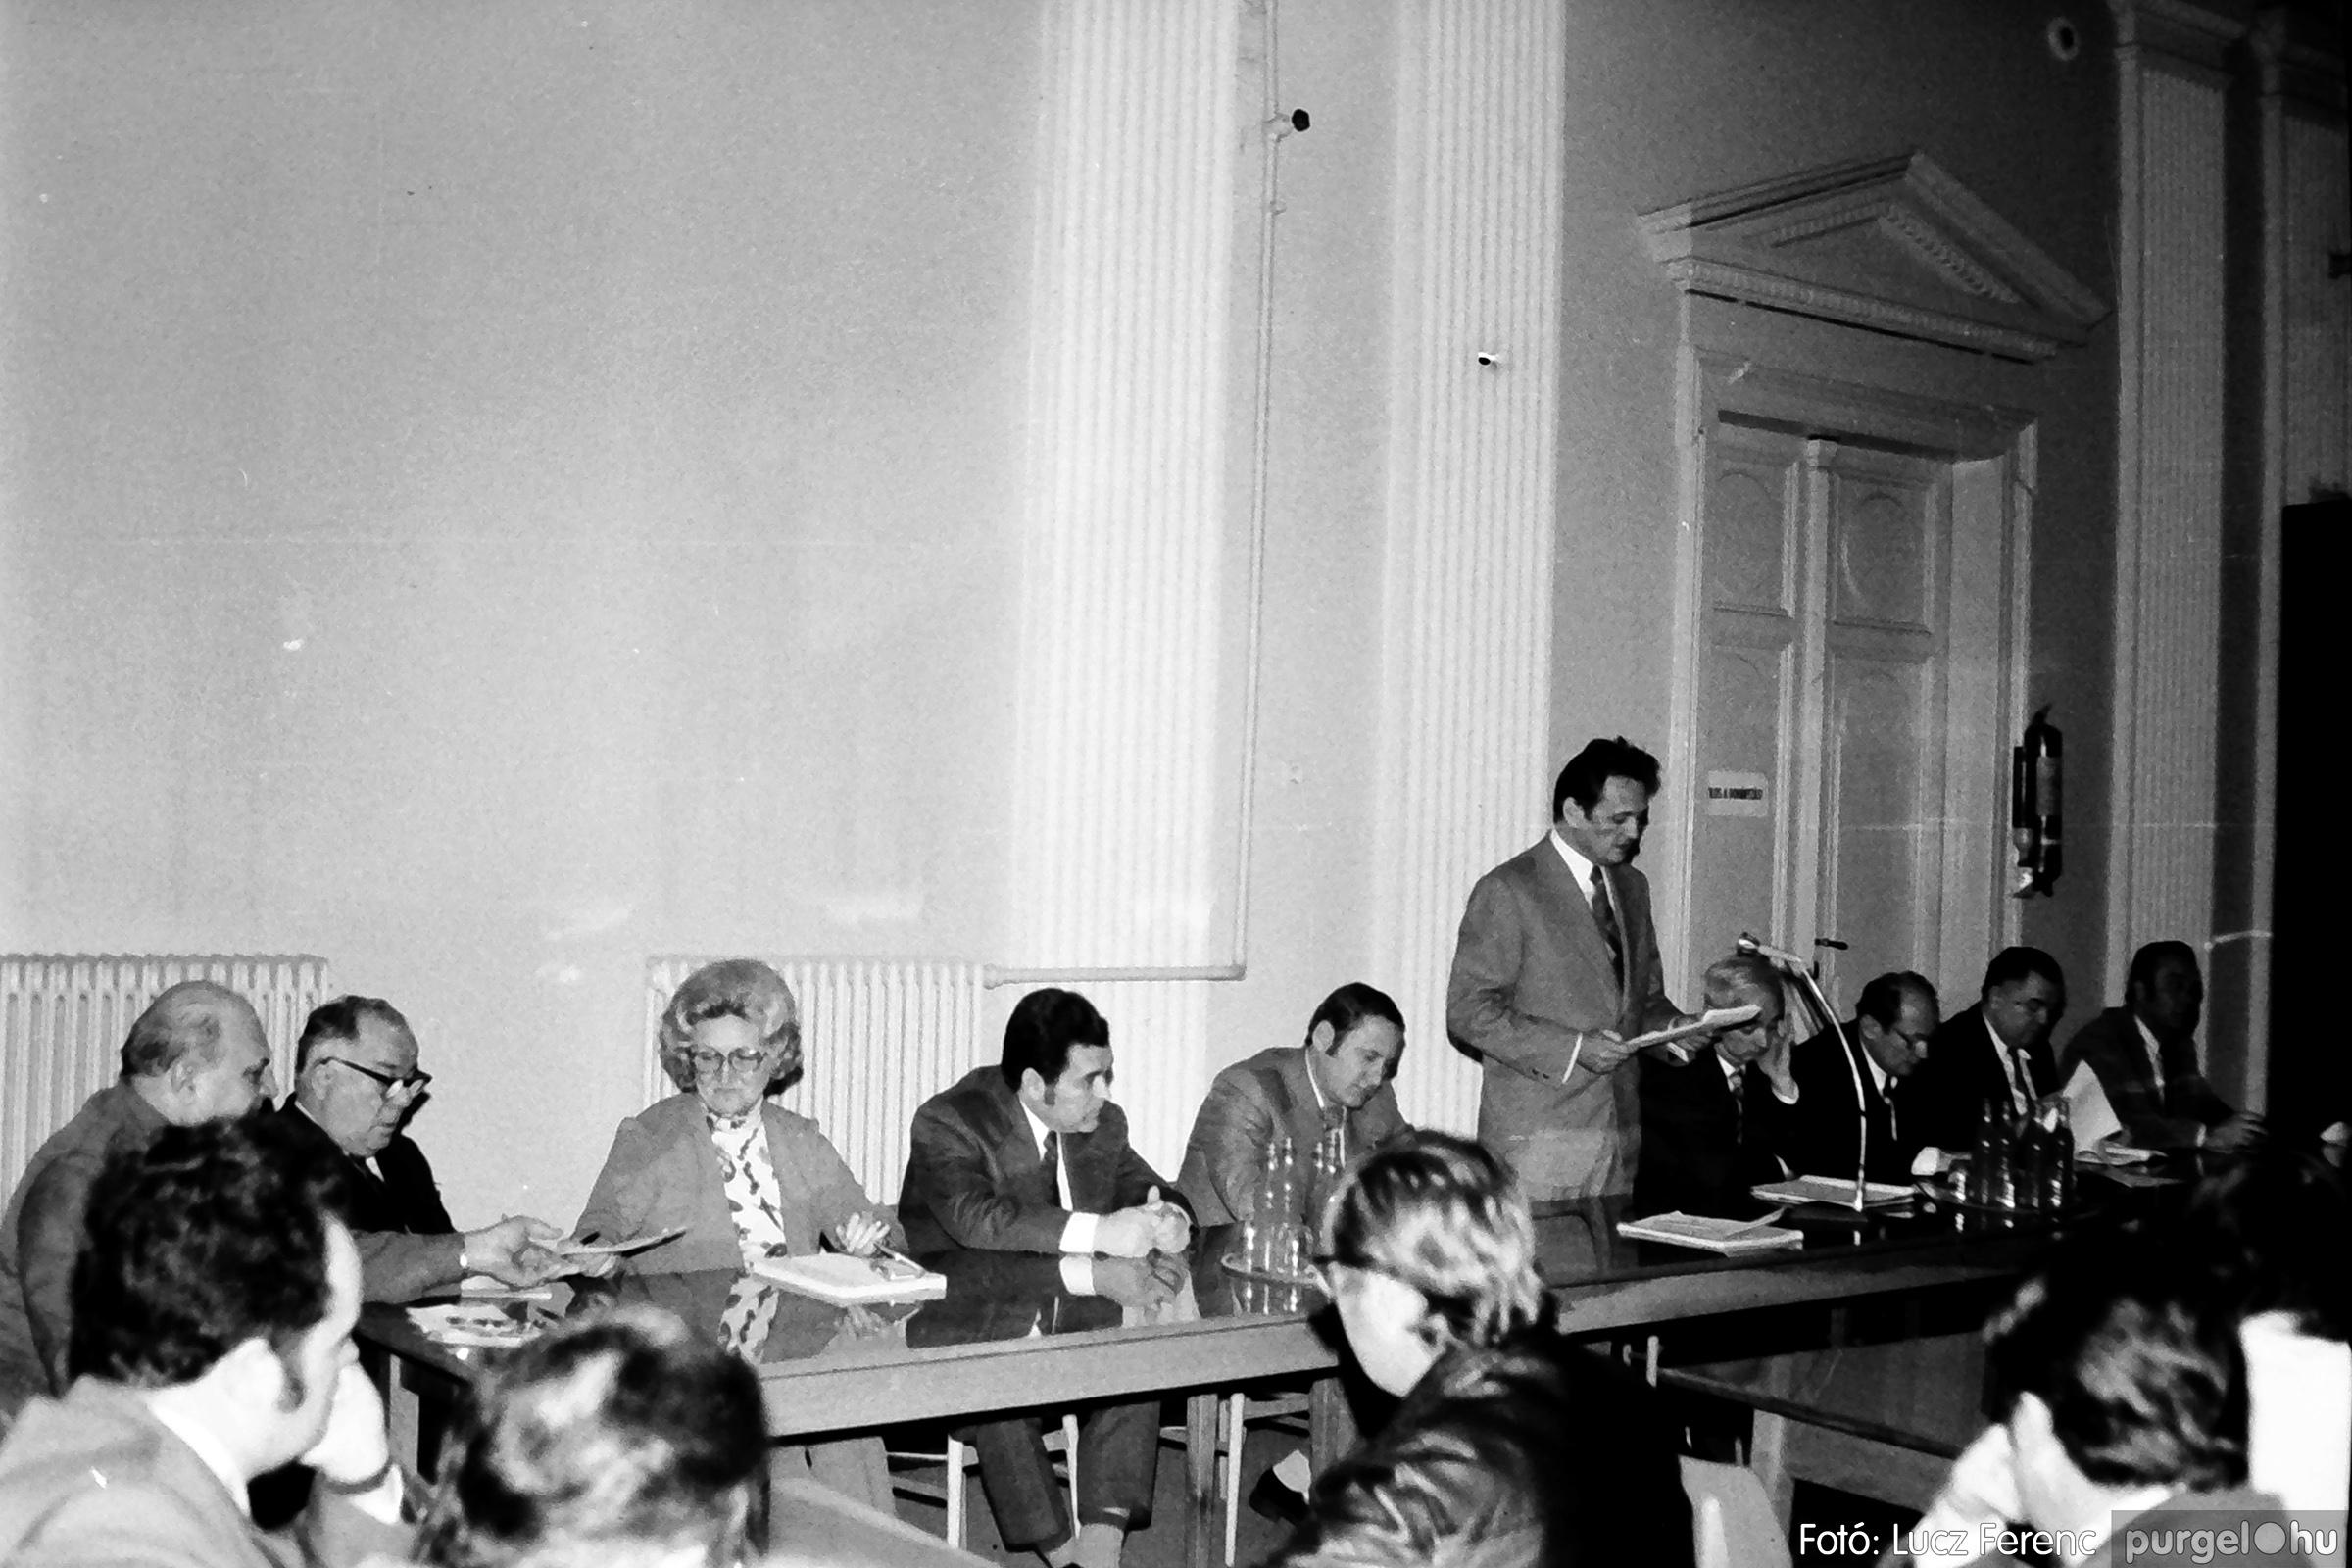 072. 1977. ÁFÉSZ küldöttgyűlés a szentesi megyeházban 005. - Fotó: Lucz Ferenc.jpg